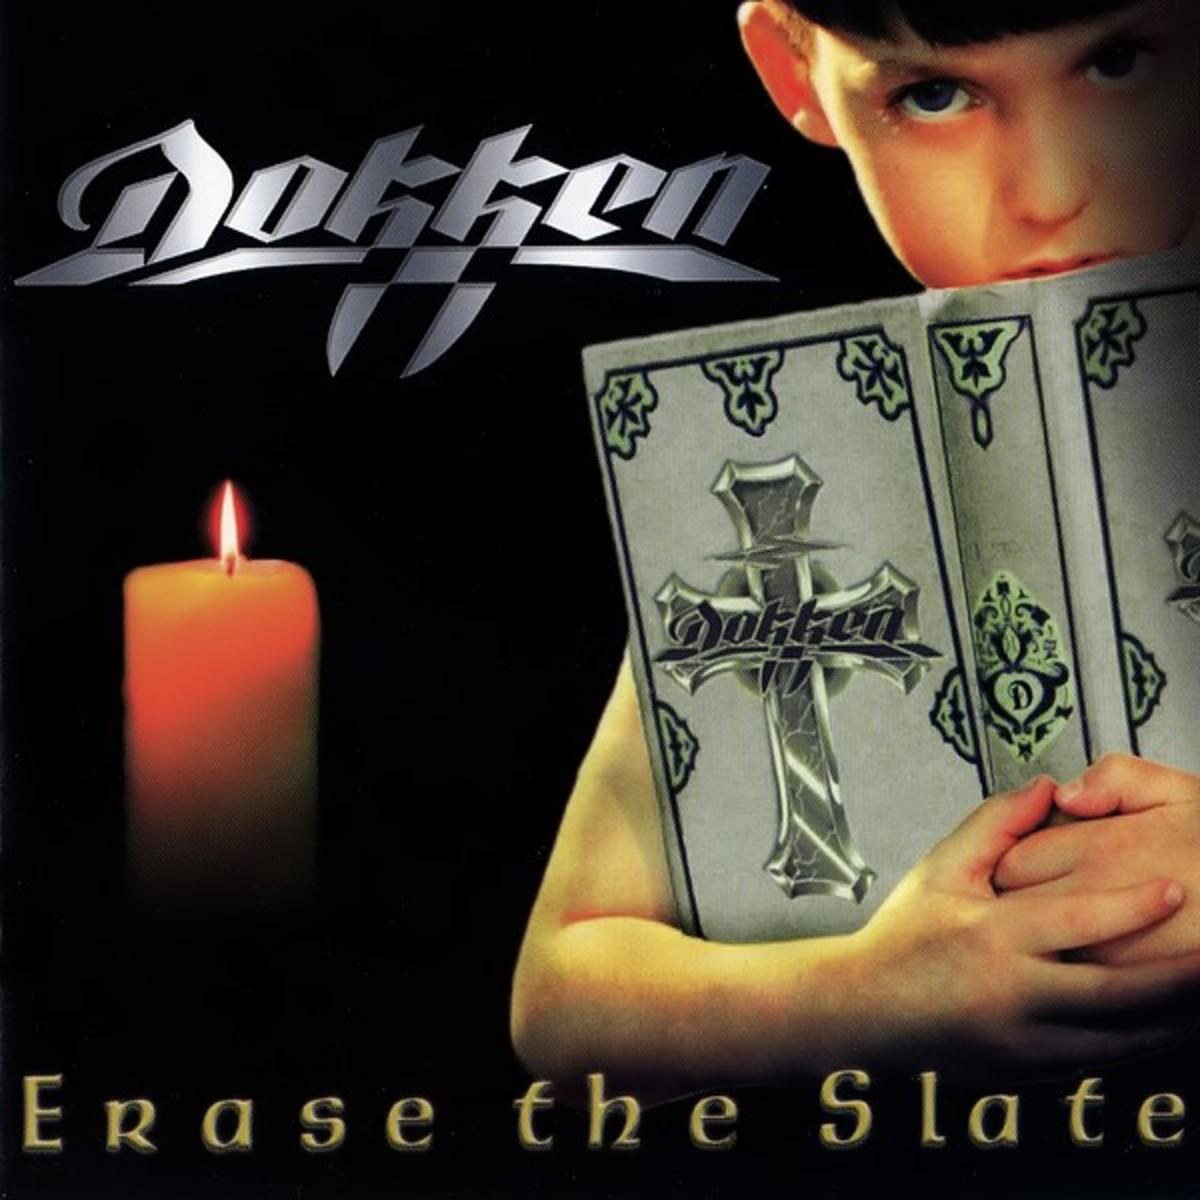 """Dokken """"Erase the Slate"""" cover"""